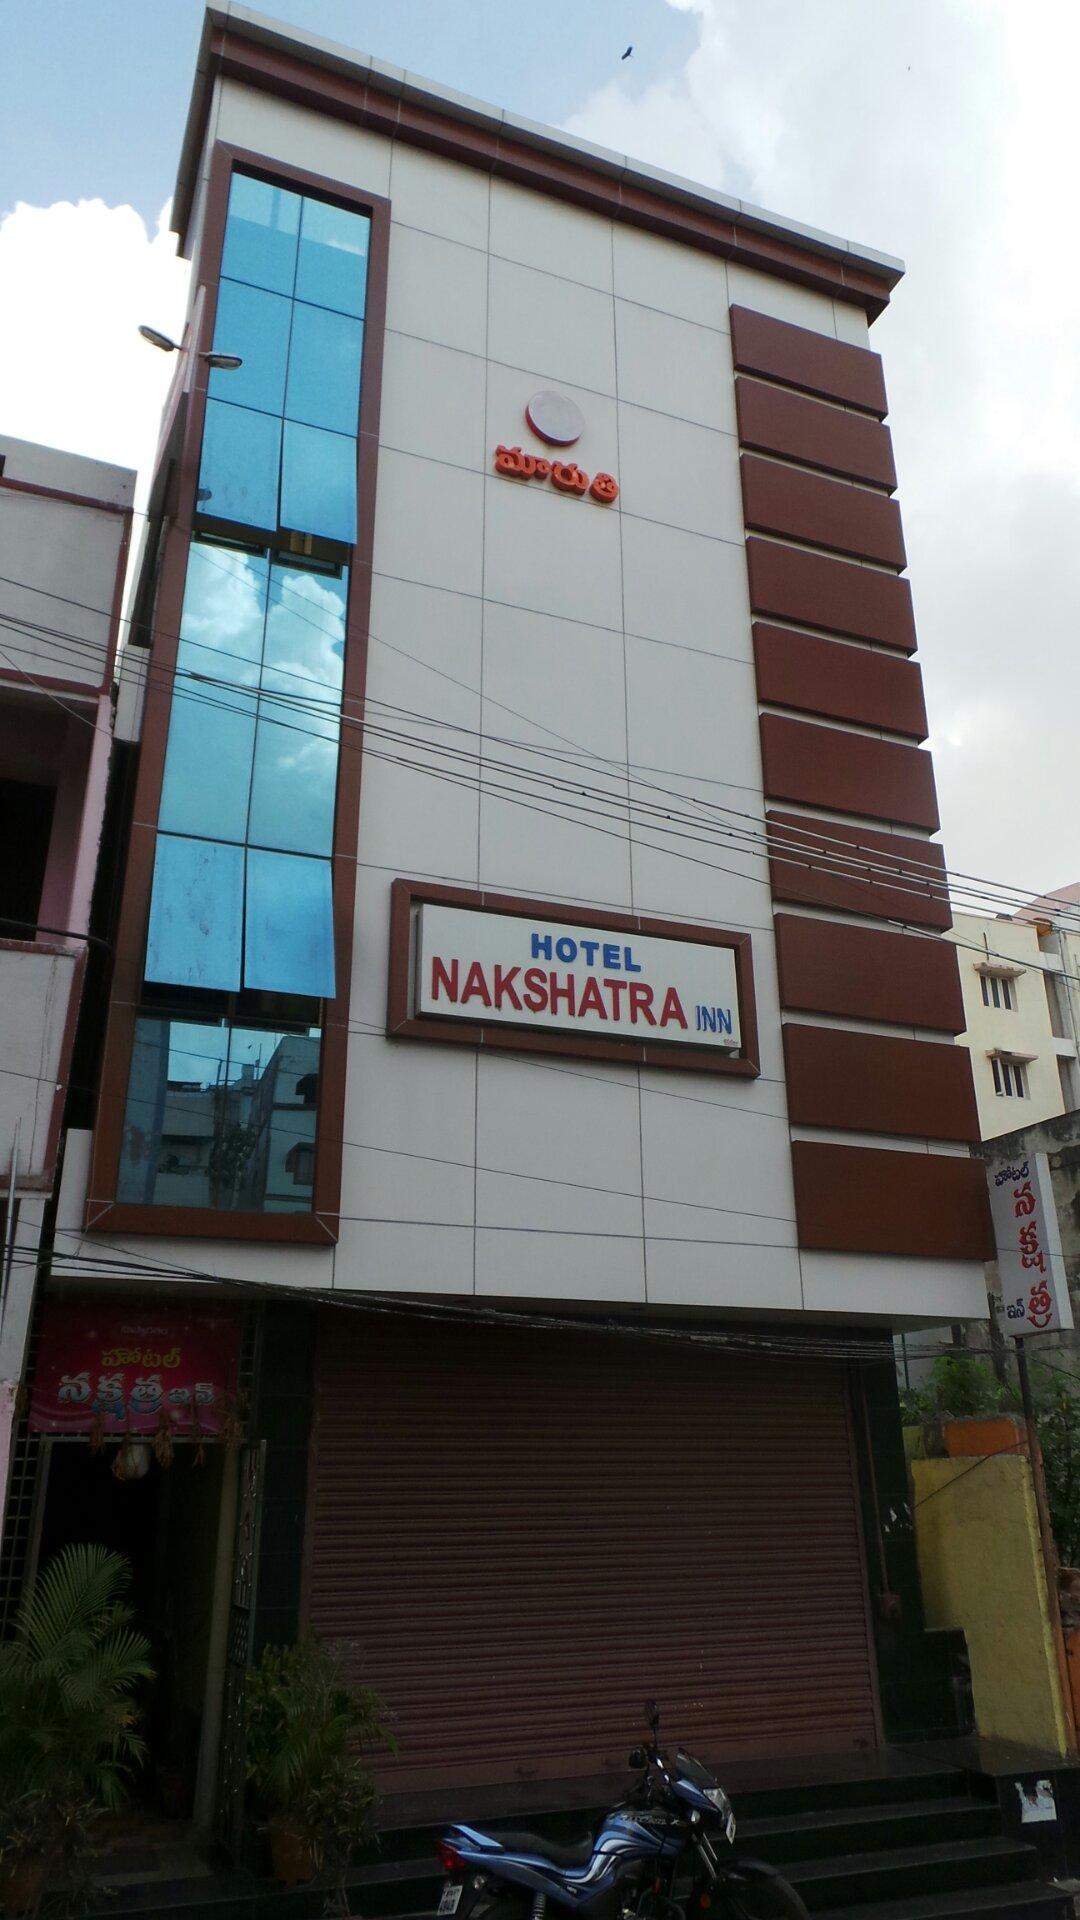 Hotel Nakshatra Inn in Vijayawada